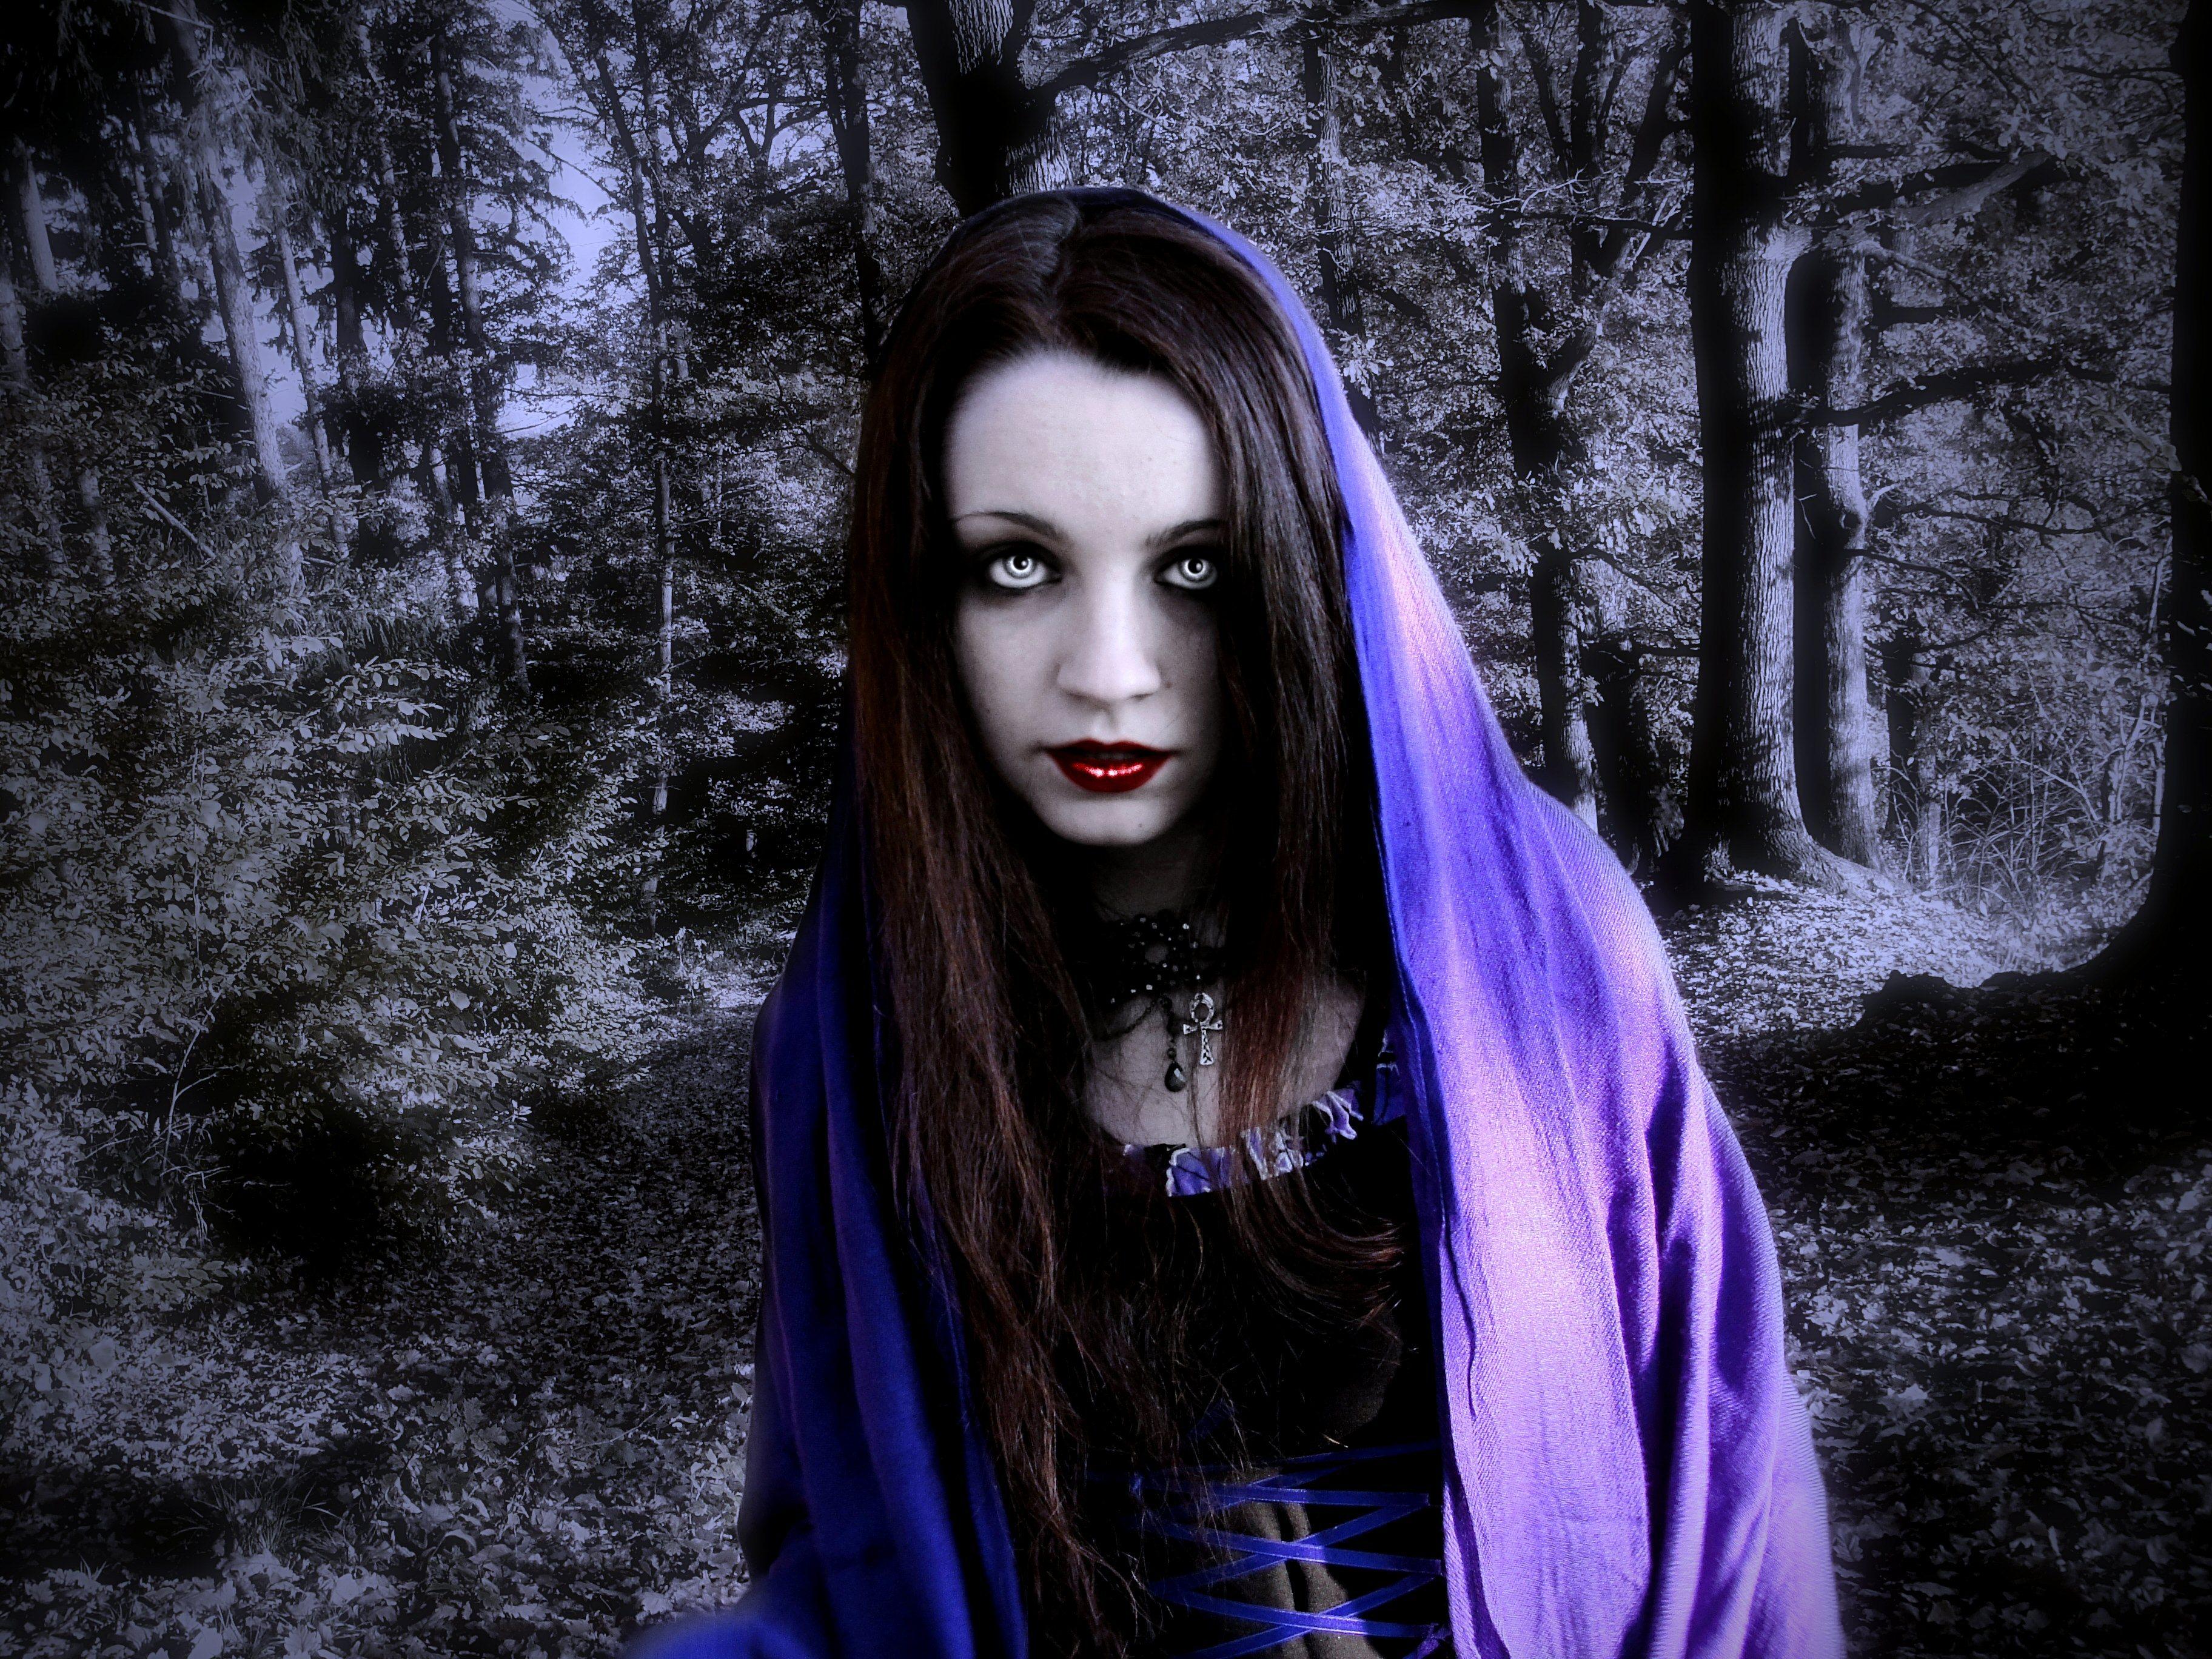 Картинки страшные вампиров